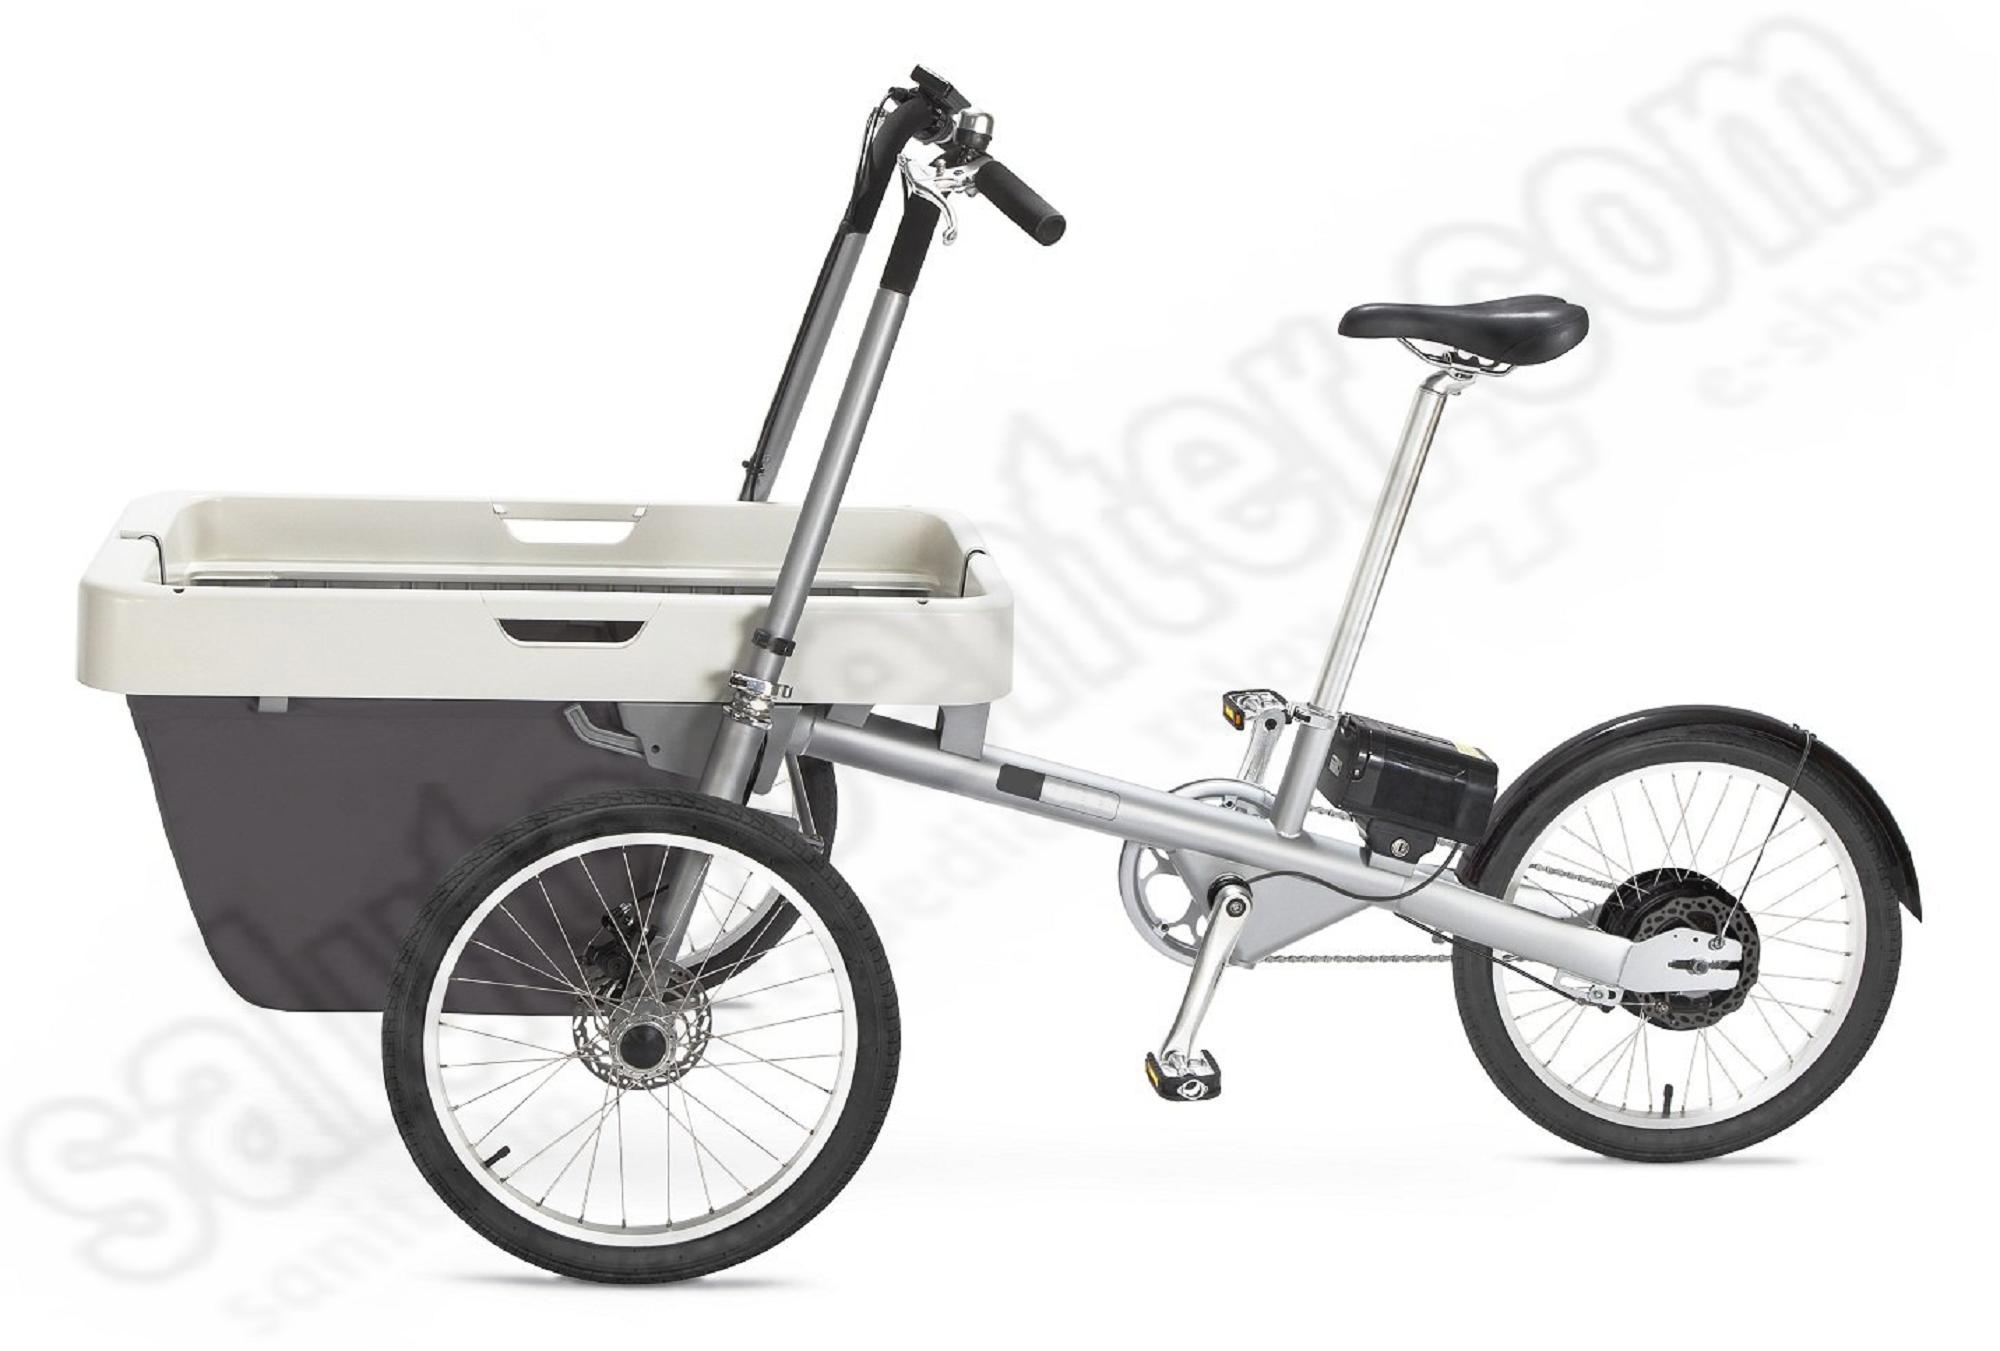 Bicicletta Elettrica A 3 Ruote Con Cestone Anteriore